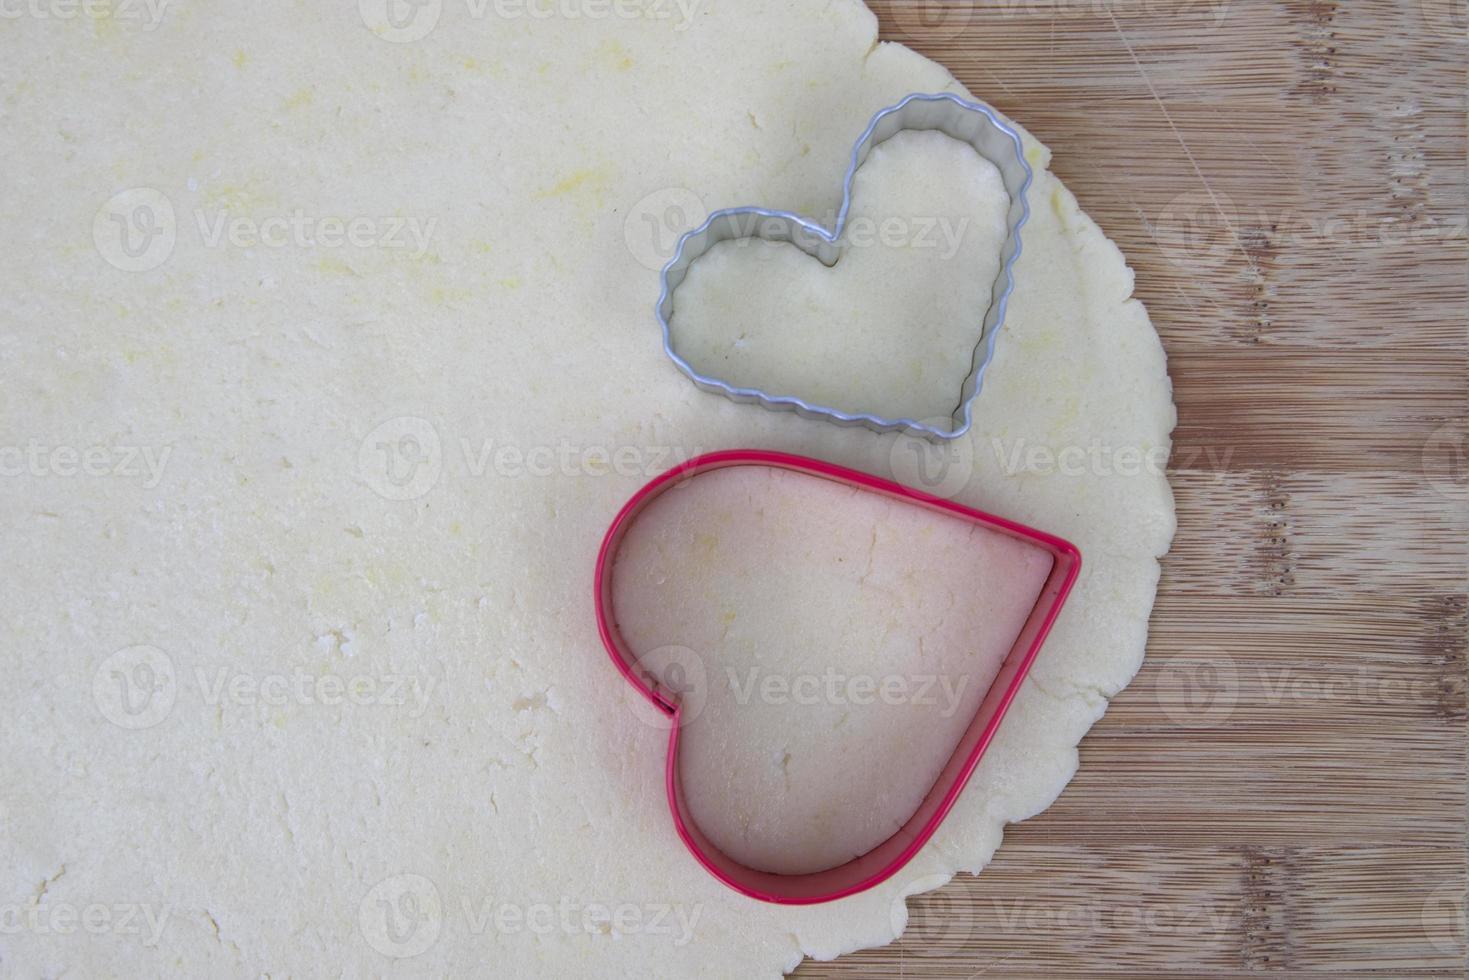 pasta biscotto di zucchero con taglierine a forma di cuore foto